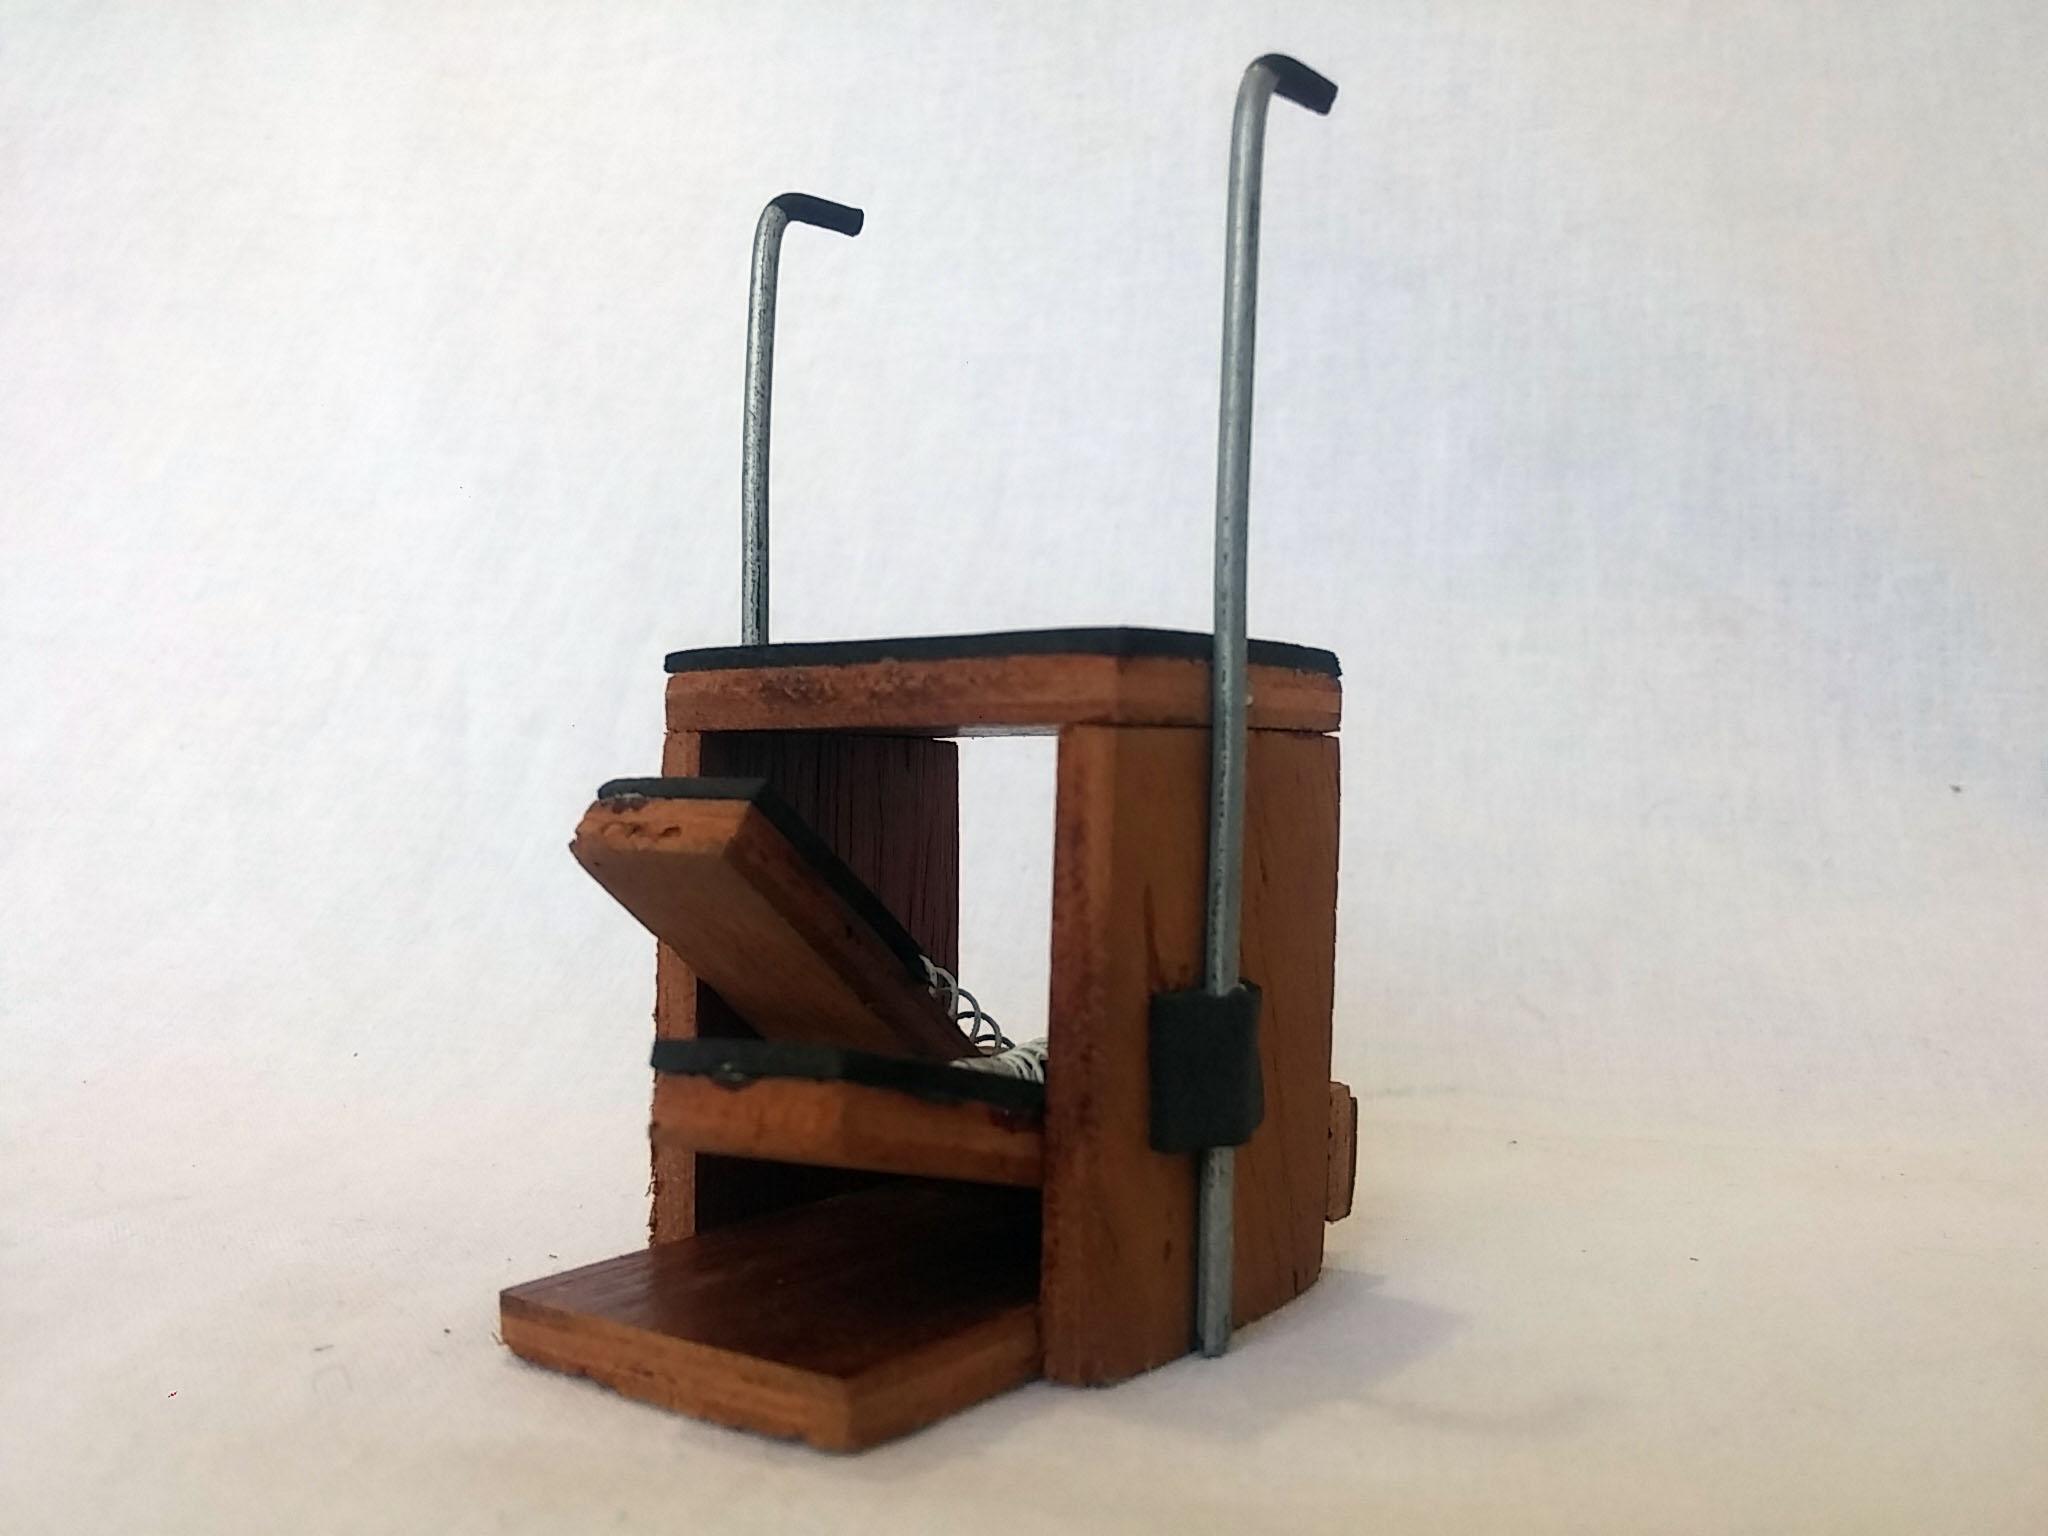 Chair Aparelho de Pilates Miniatura